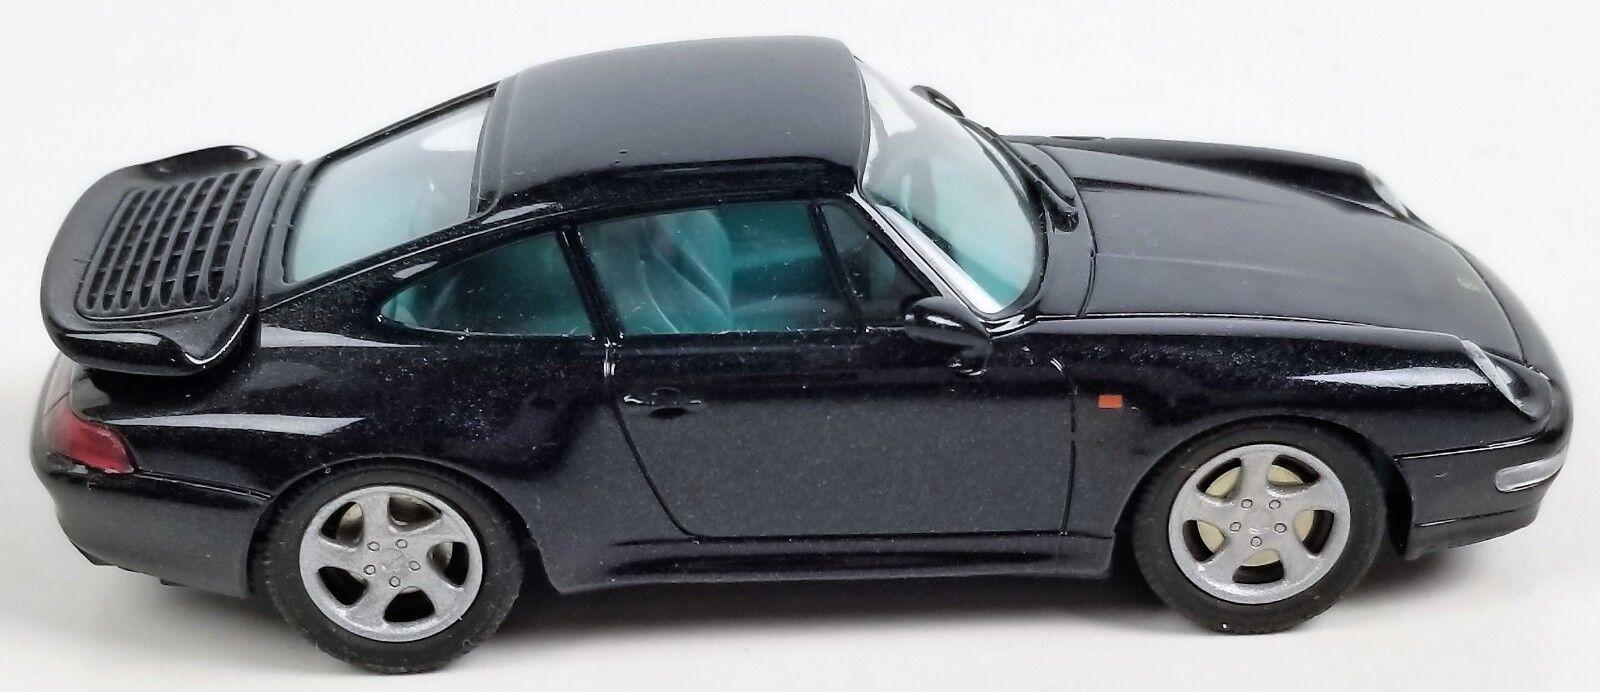 Schuco Porsche Turbo nero 1 43 Vintage Raro Diecast Modelo Coche raro de Alemania